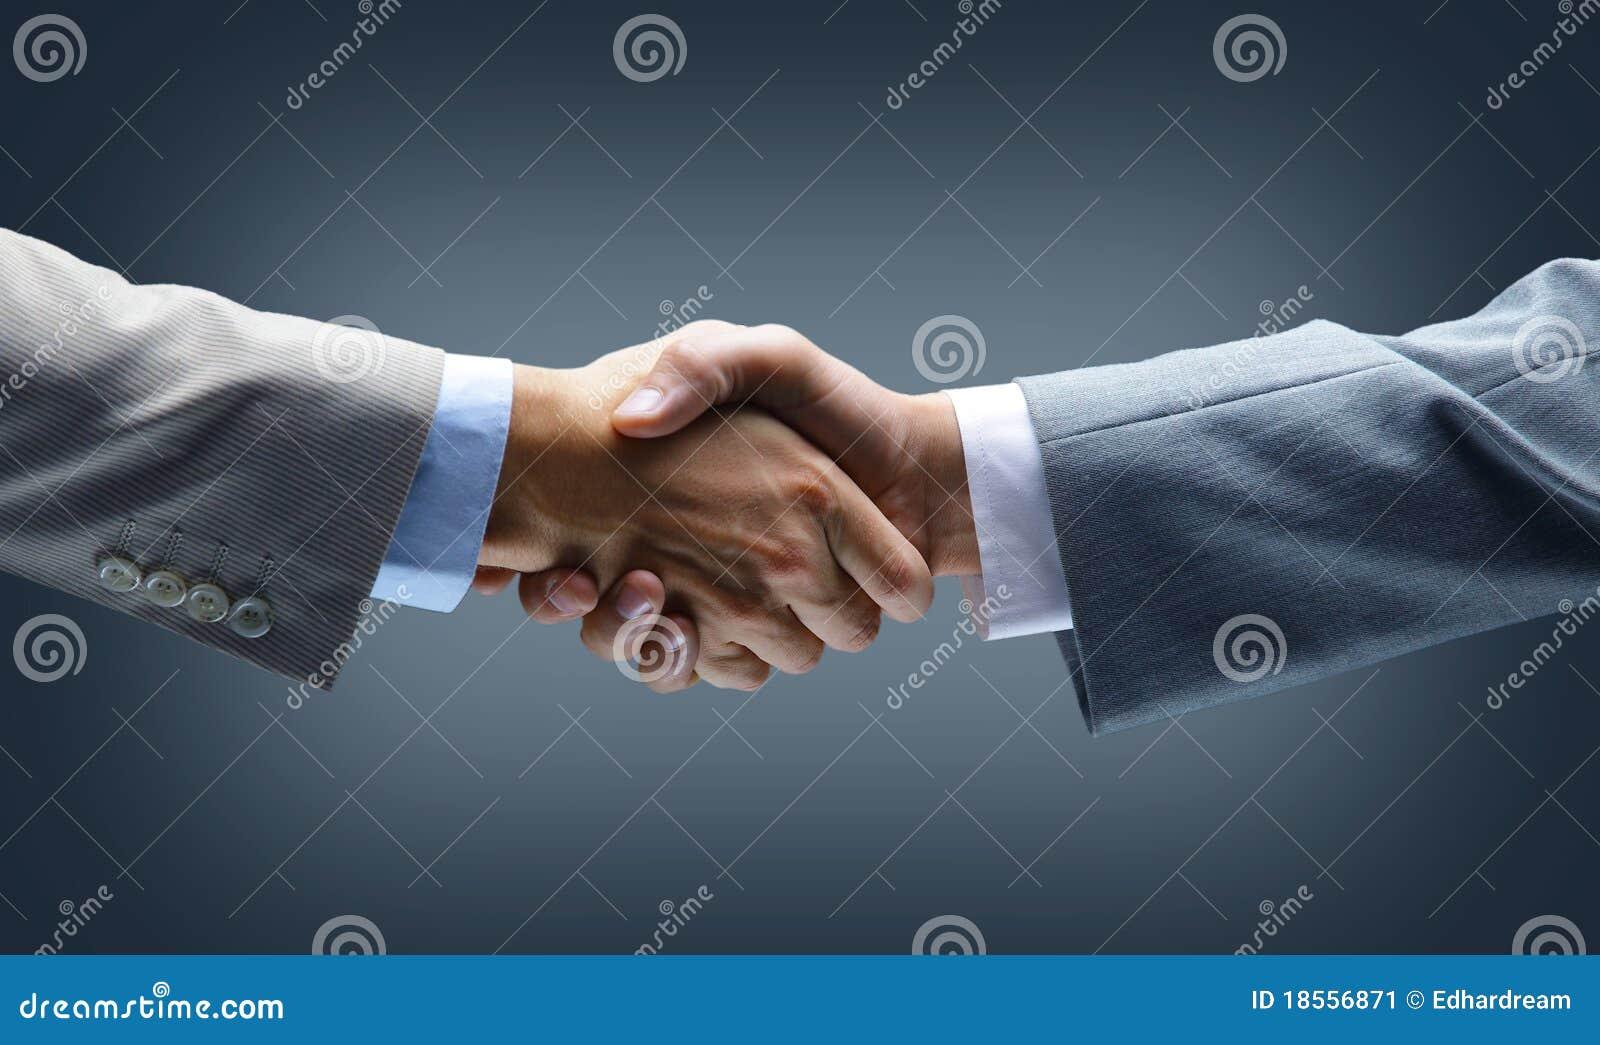 Prise de contact - main se retenant en fonction